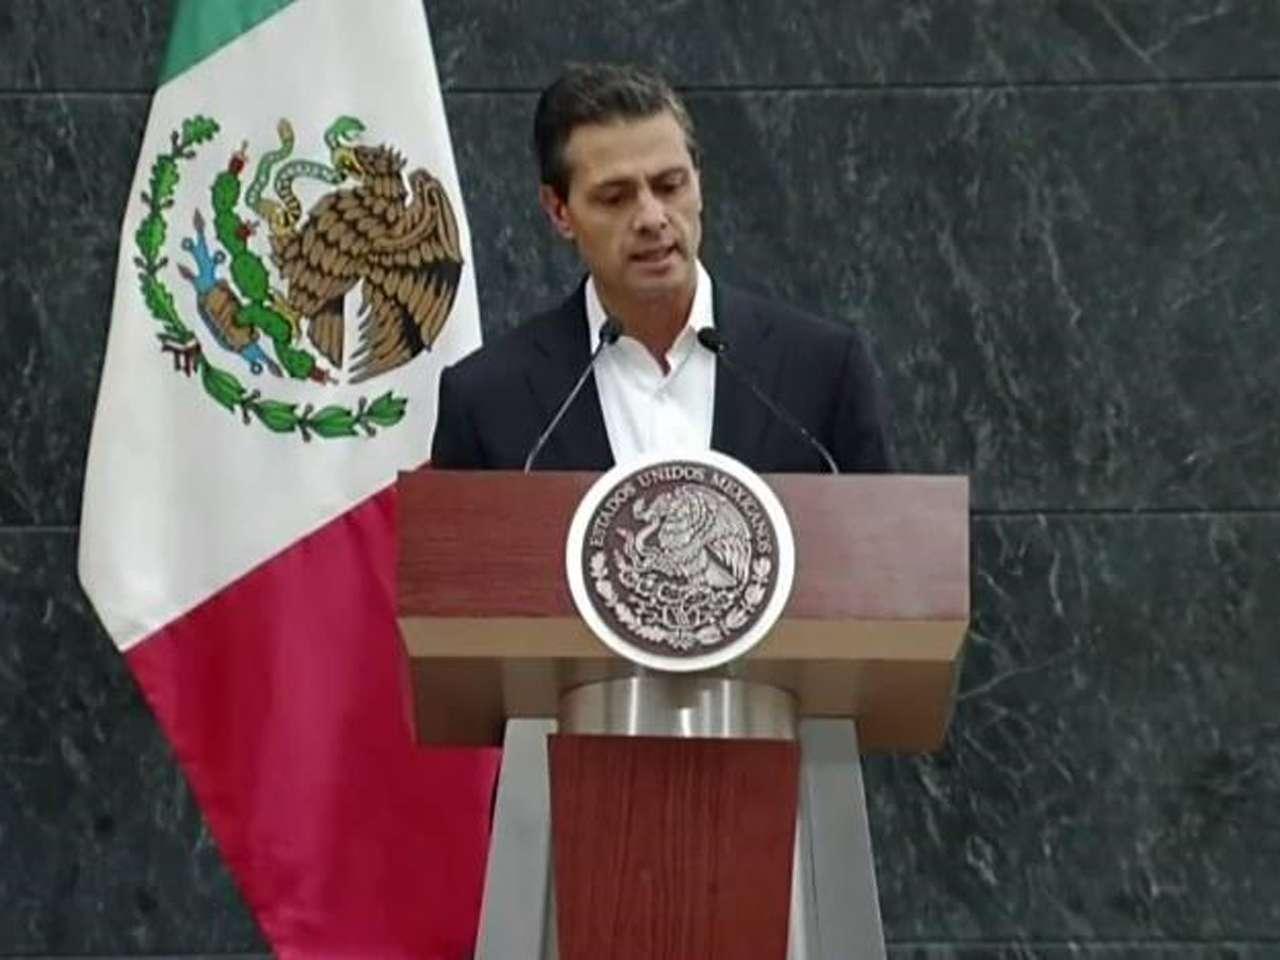 El presidente Enrique Peña Nieto informó que tras una reunión con los familiares de los 43 normalistas desaparecidos de Ayotzinapa, firmaron un documento de 10 puntos entre los que destaca la renovación del plan de búsqueda de los estudiantes y el apoyo a las normales rurales del país. Foto: @PresidenciaMX